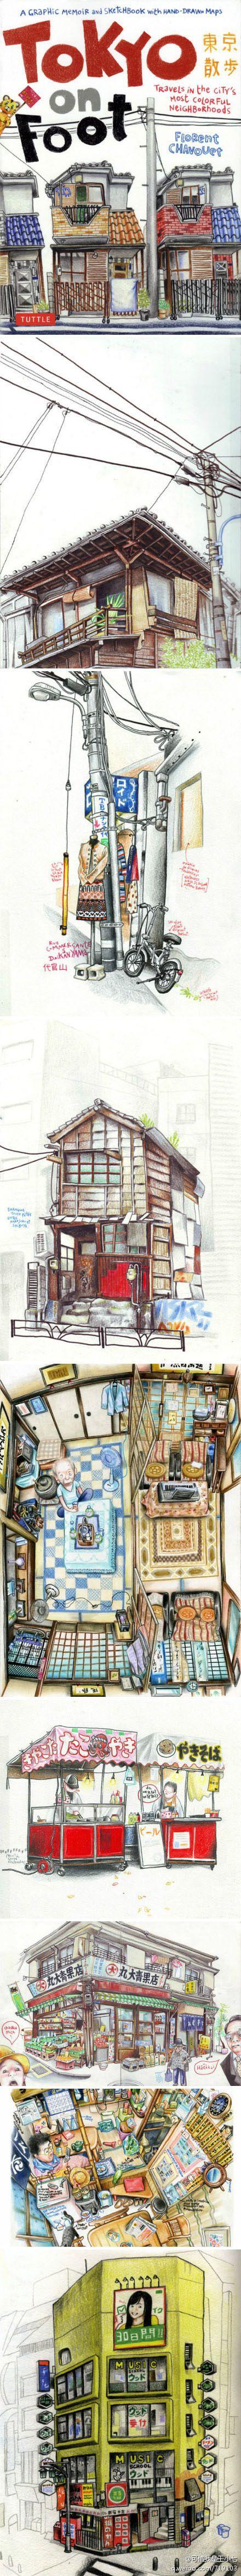 Tokyo on foot. Florent Chavouet. (voir image intérieur maison/appart)